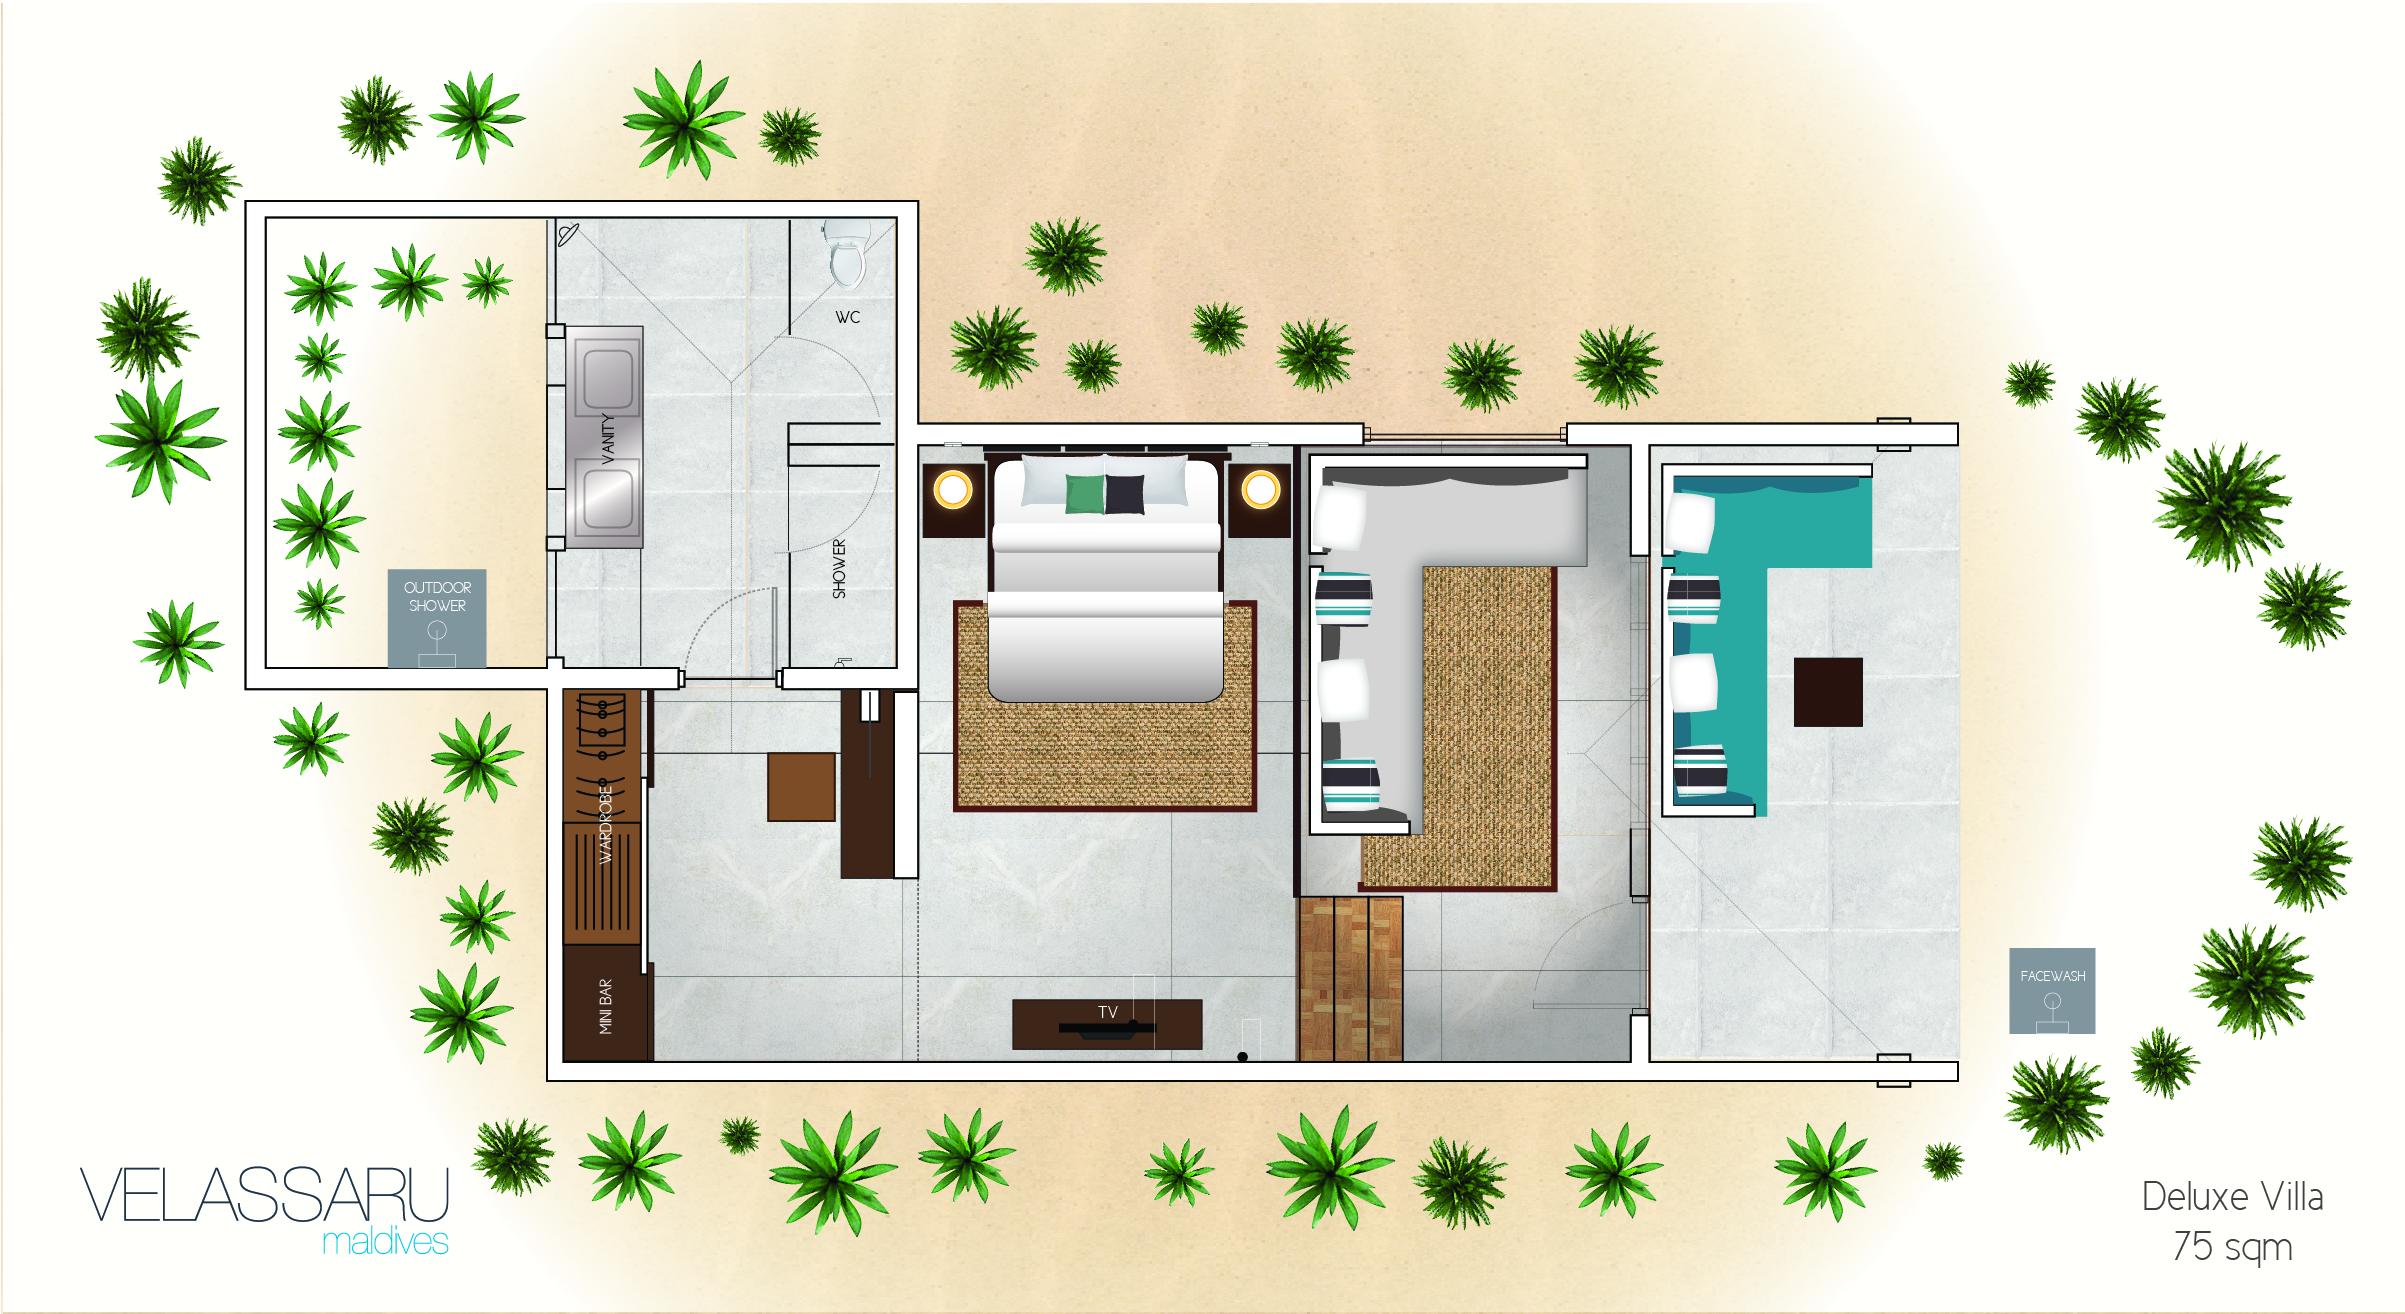 Мальдивы, отель Velassaru Maldives, план-схема номера Deluxe Villa